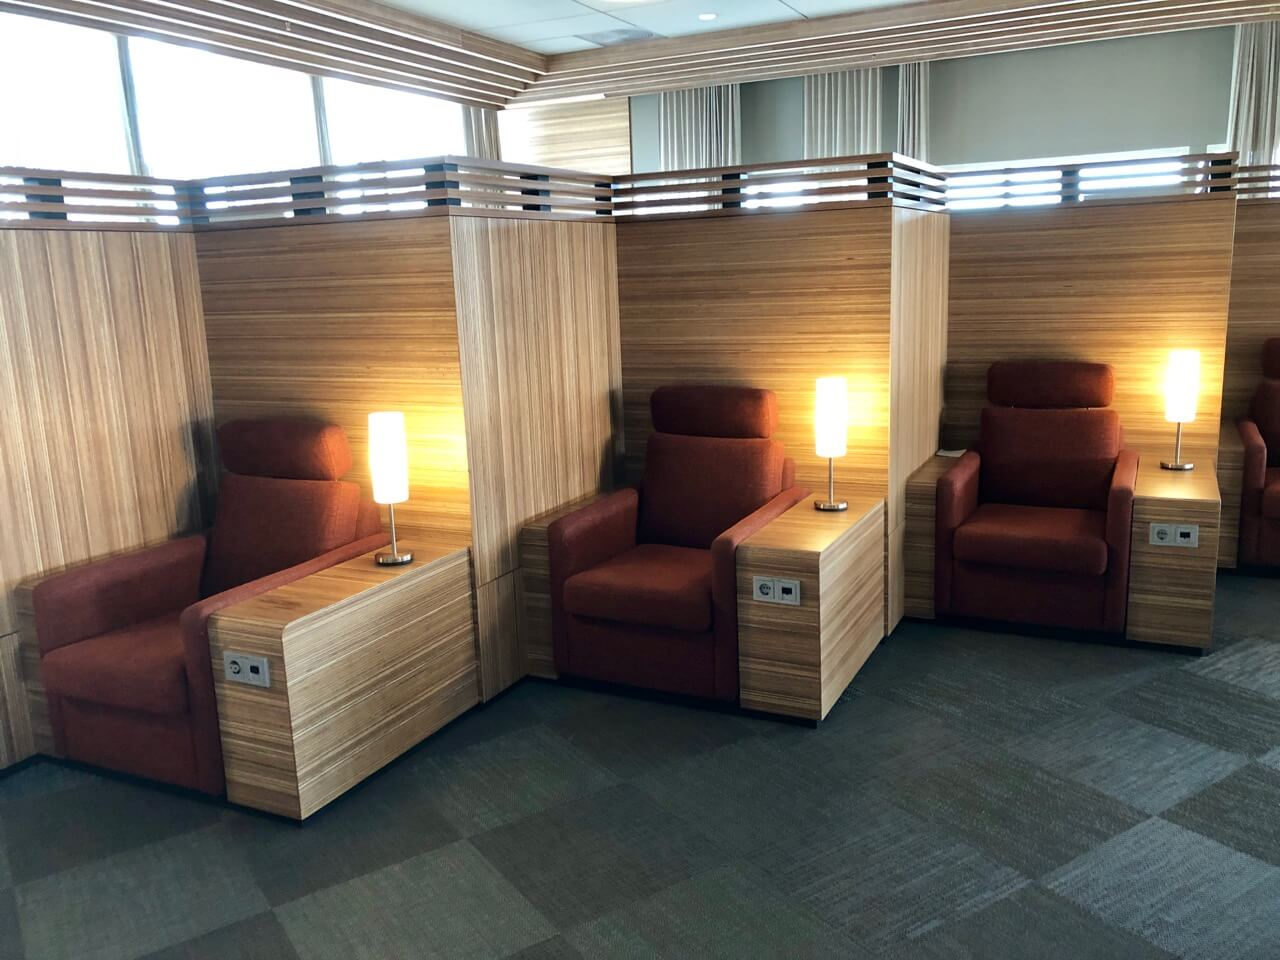 Saga Lounge Keflavik Sitzmöglichkeiten